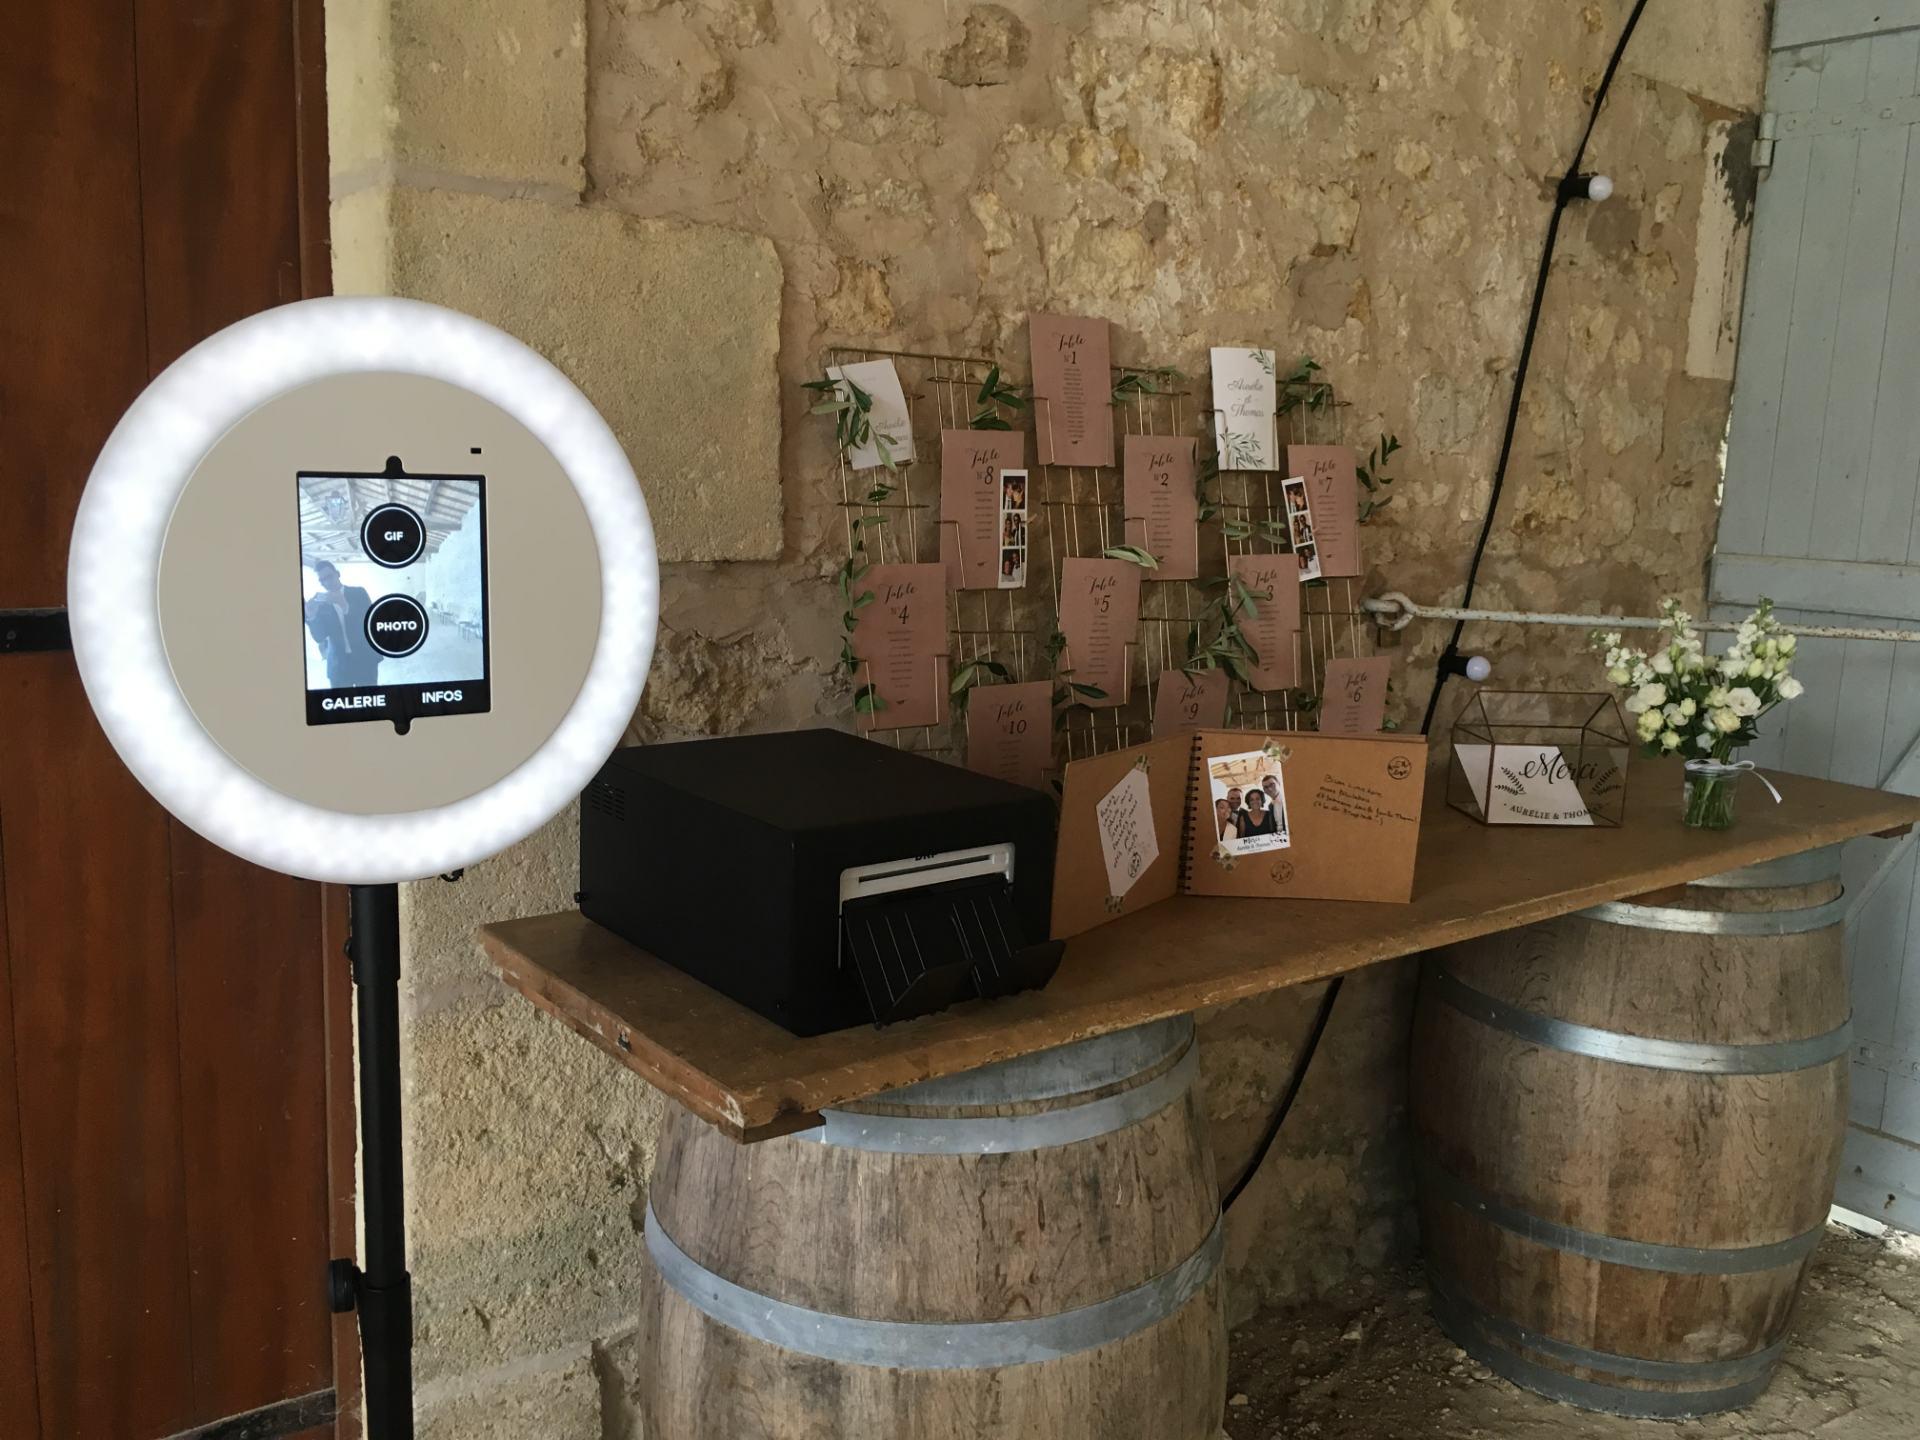 Le photomaton de Josepho est positionné dans un lieu de mariage, avec à côté une table et un tableau pour y apposer les photos imprimées par le photomaton.